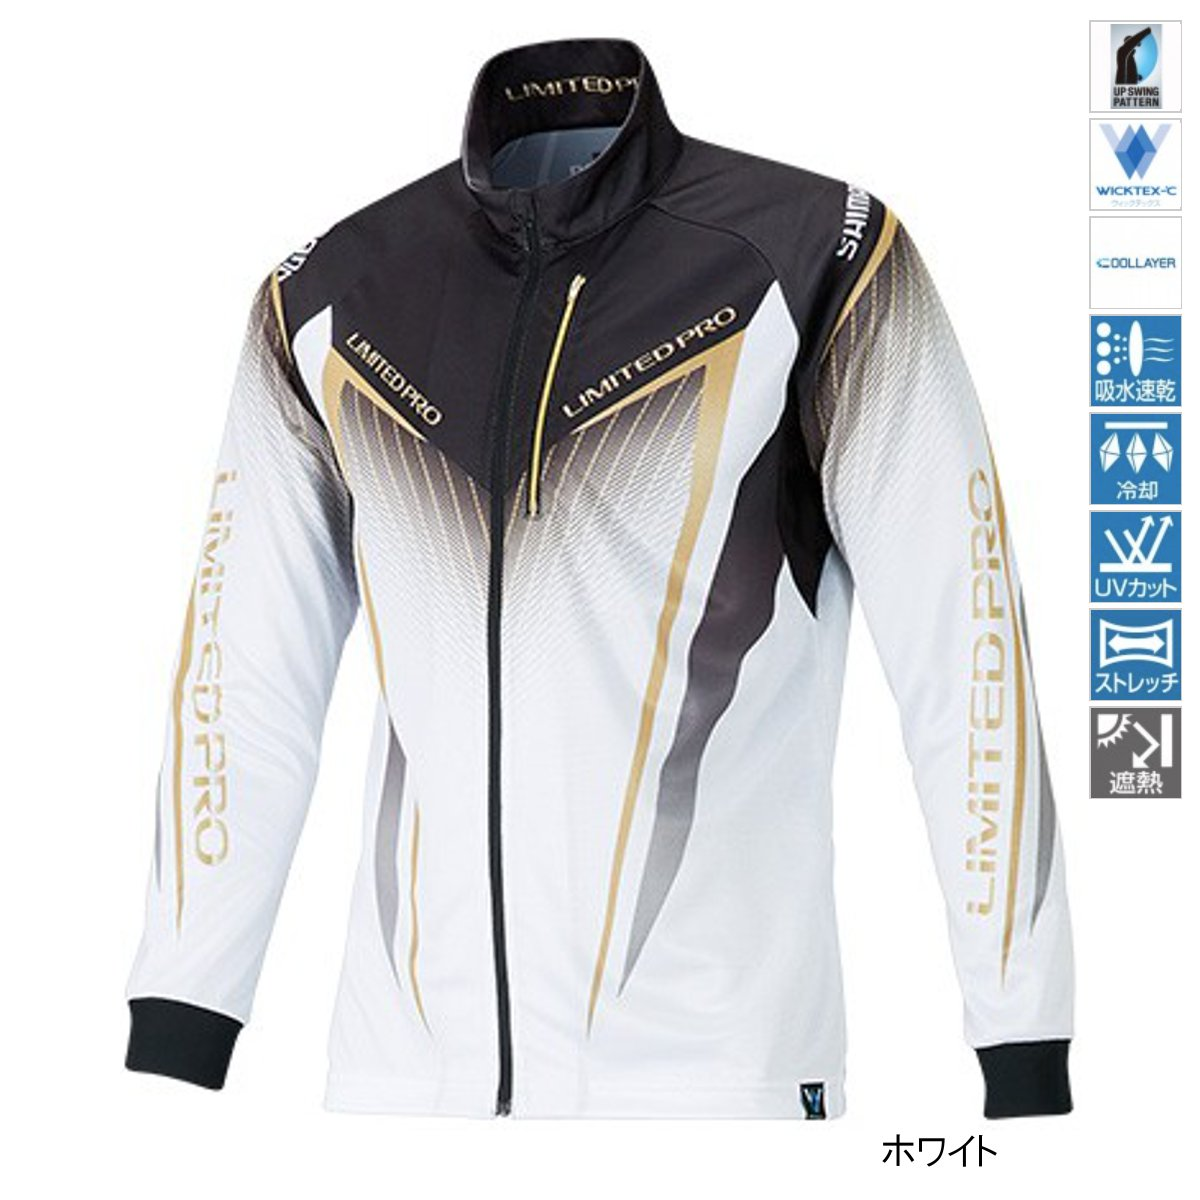 シマノ フルジップシャツLIMITED PRO(長袖) SH-011S XL ホワイト